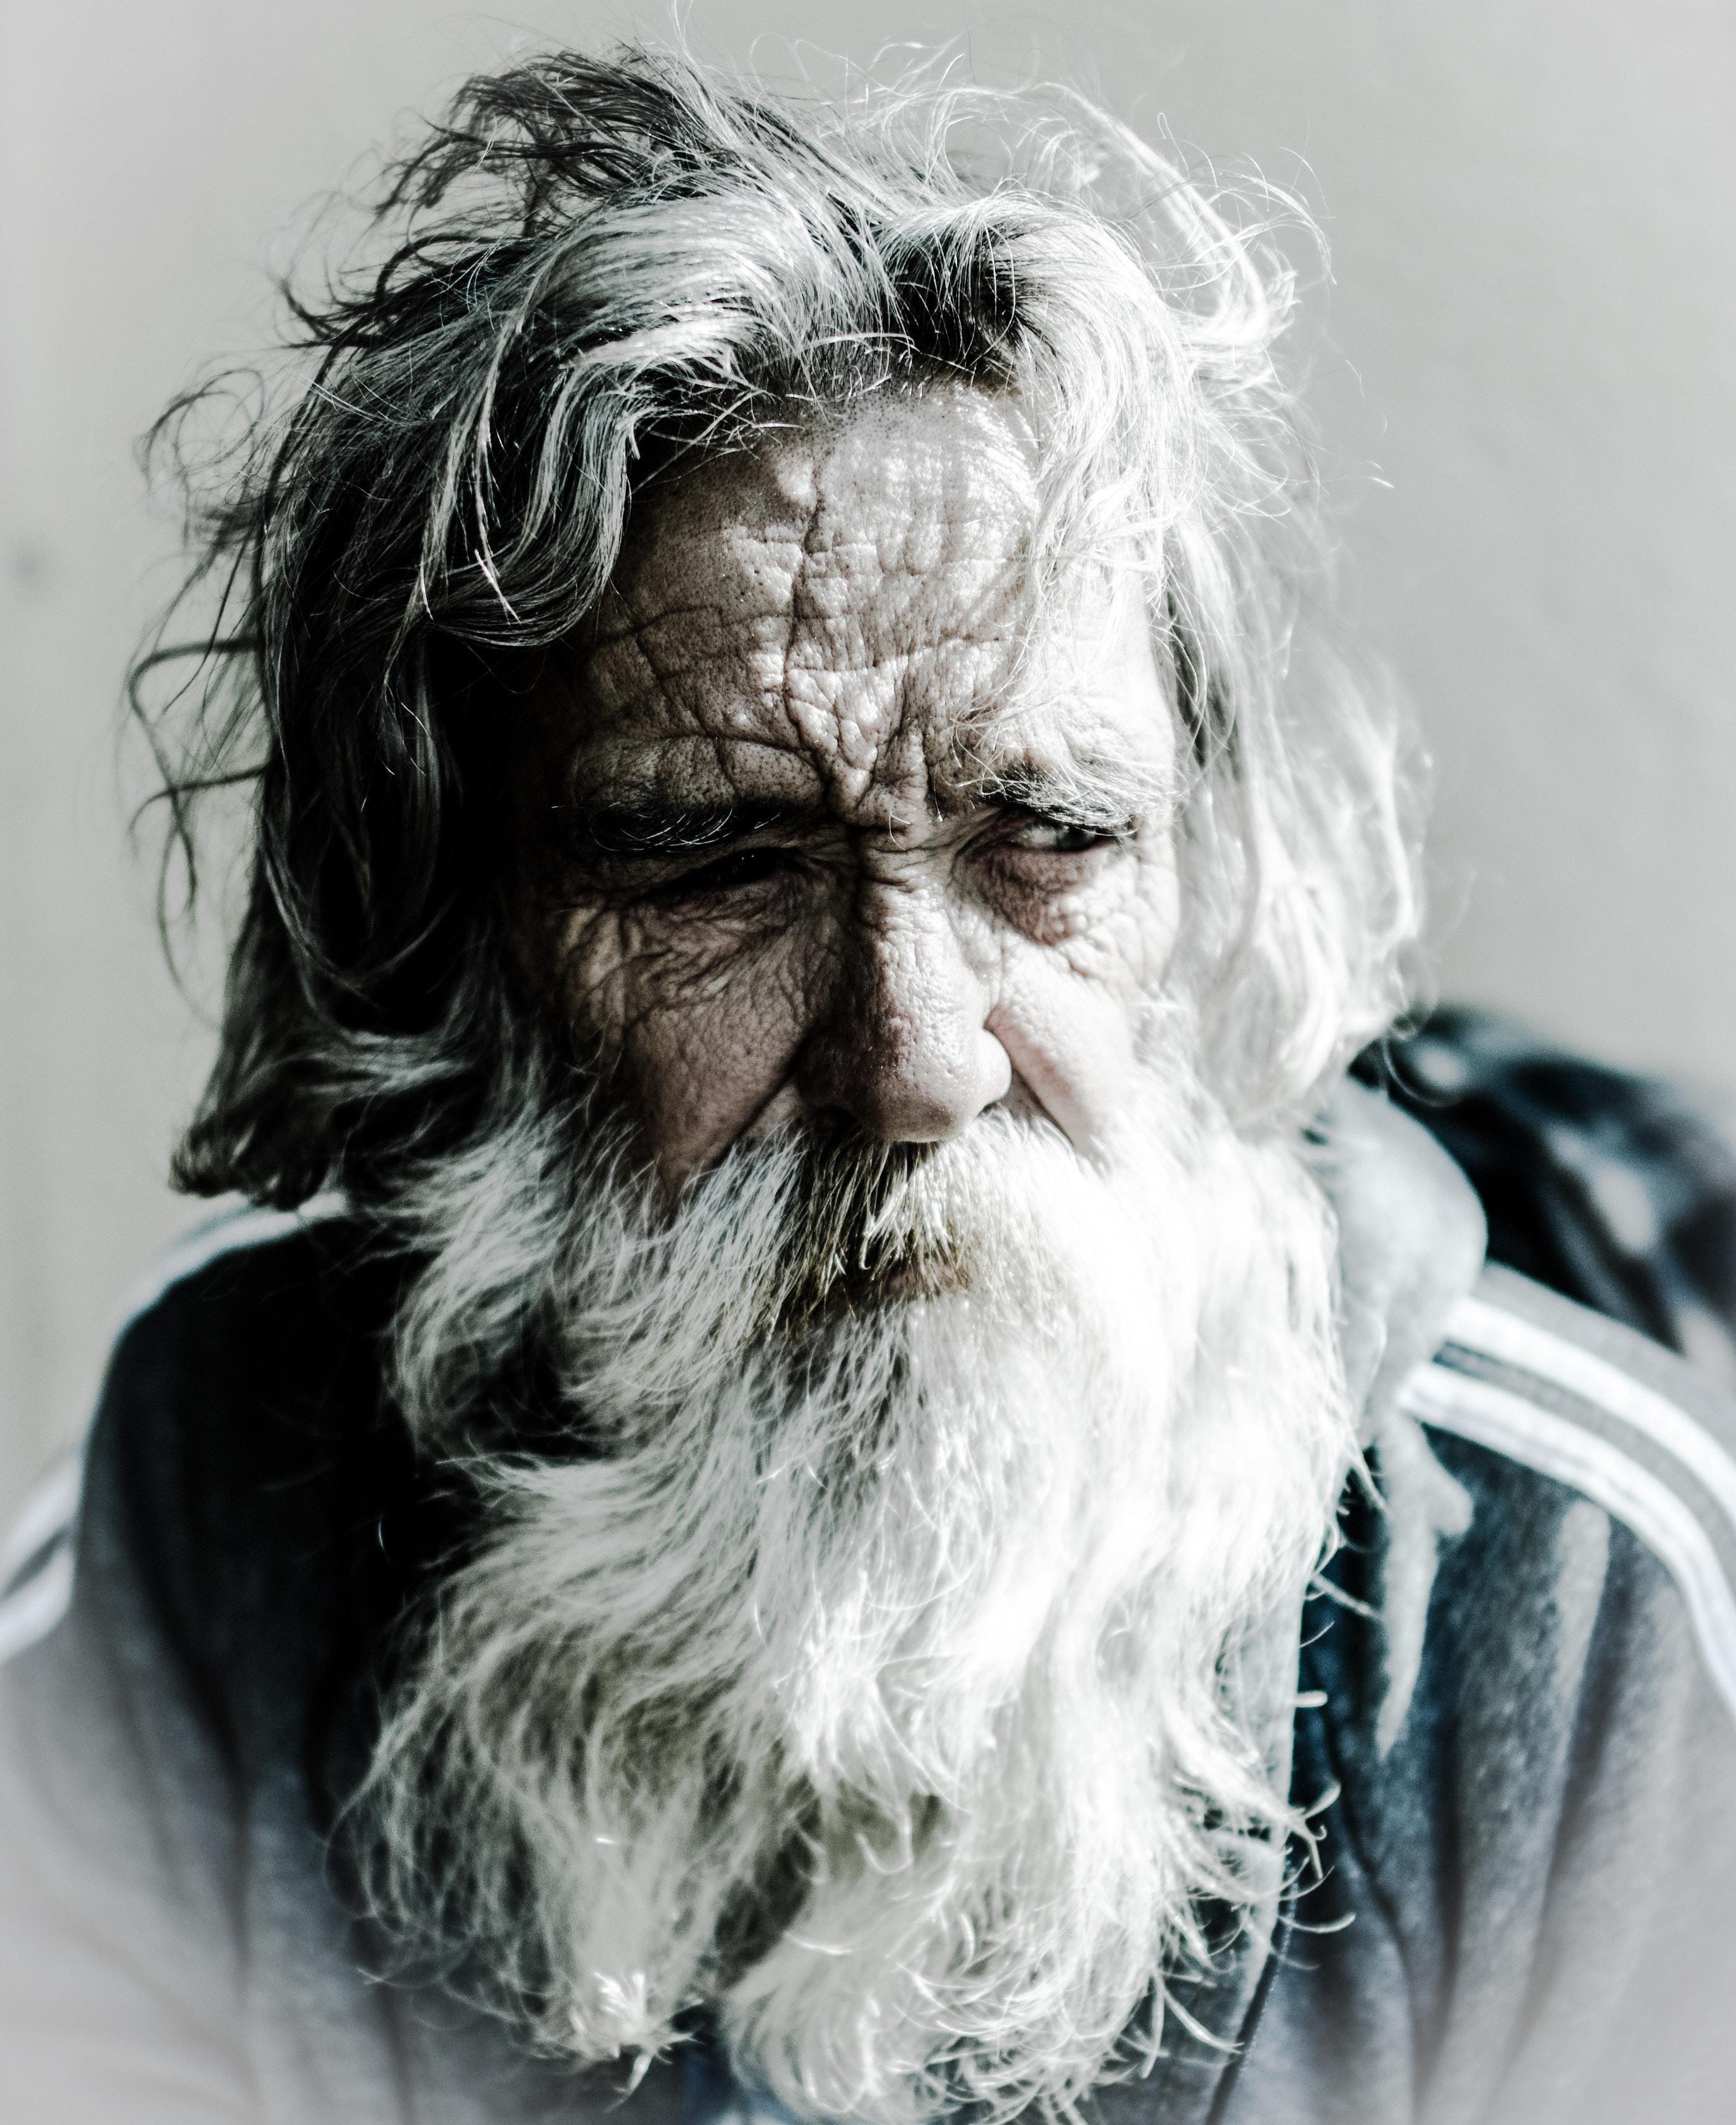 adult-aged-beard-665194